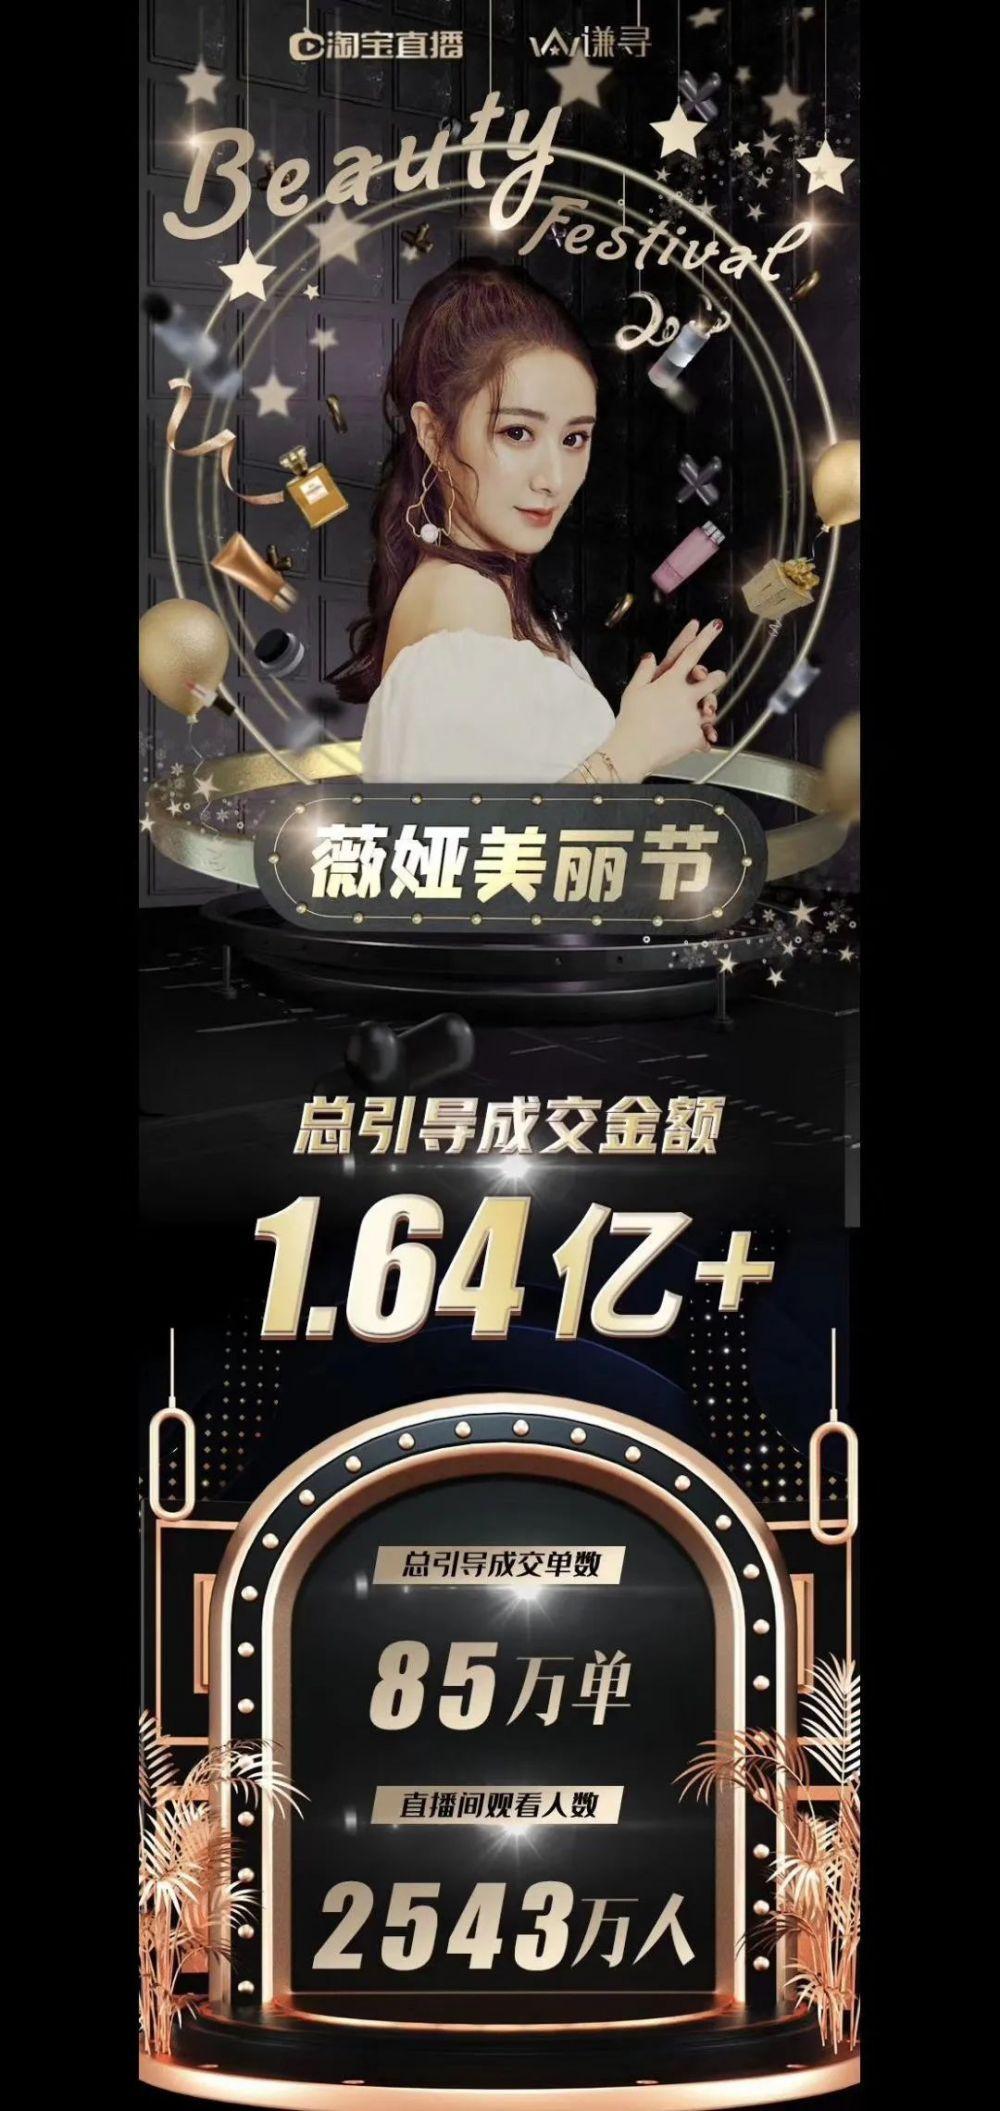 薇娅美丽节总引导成交额1.64亿;阿里副总裁胡伟雄:2020年双11将新增1万个直播间 | 情报站